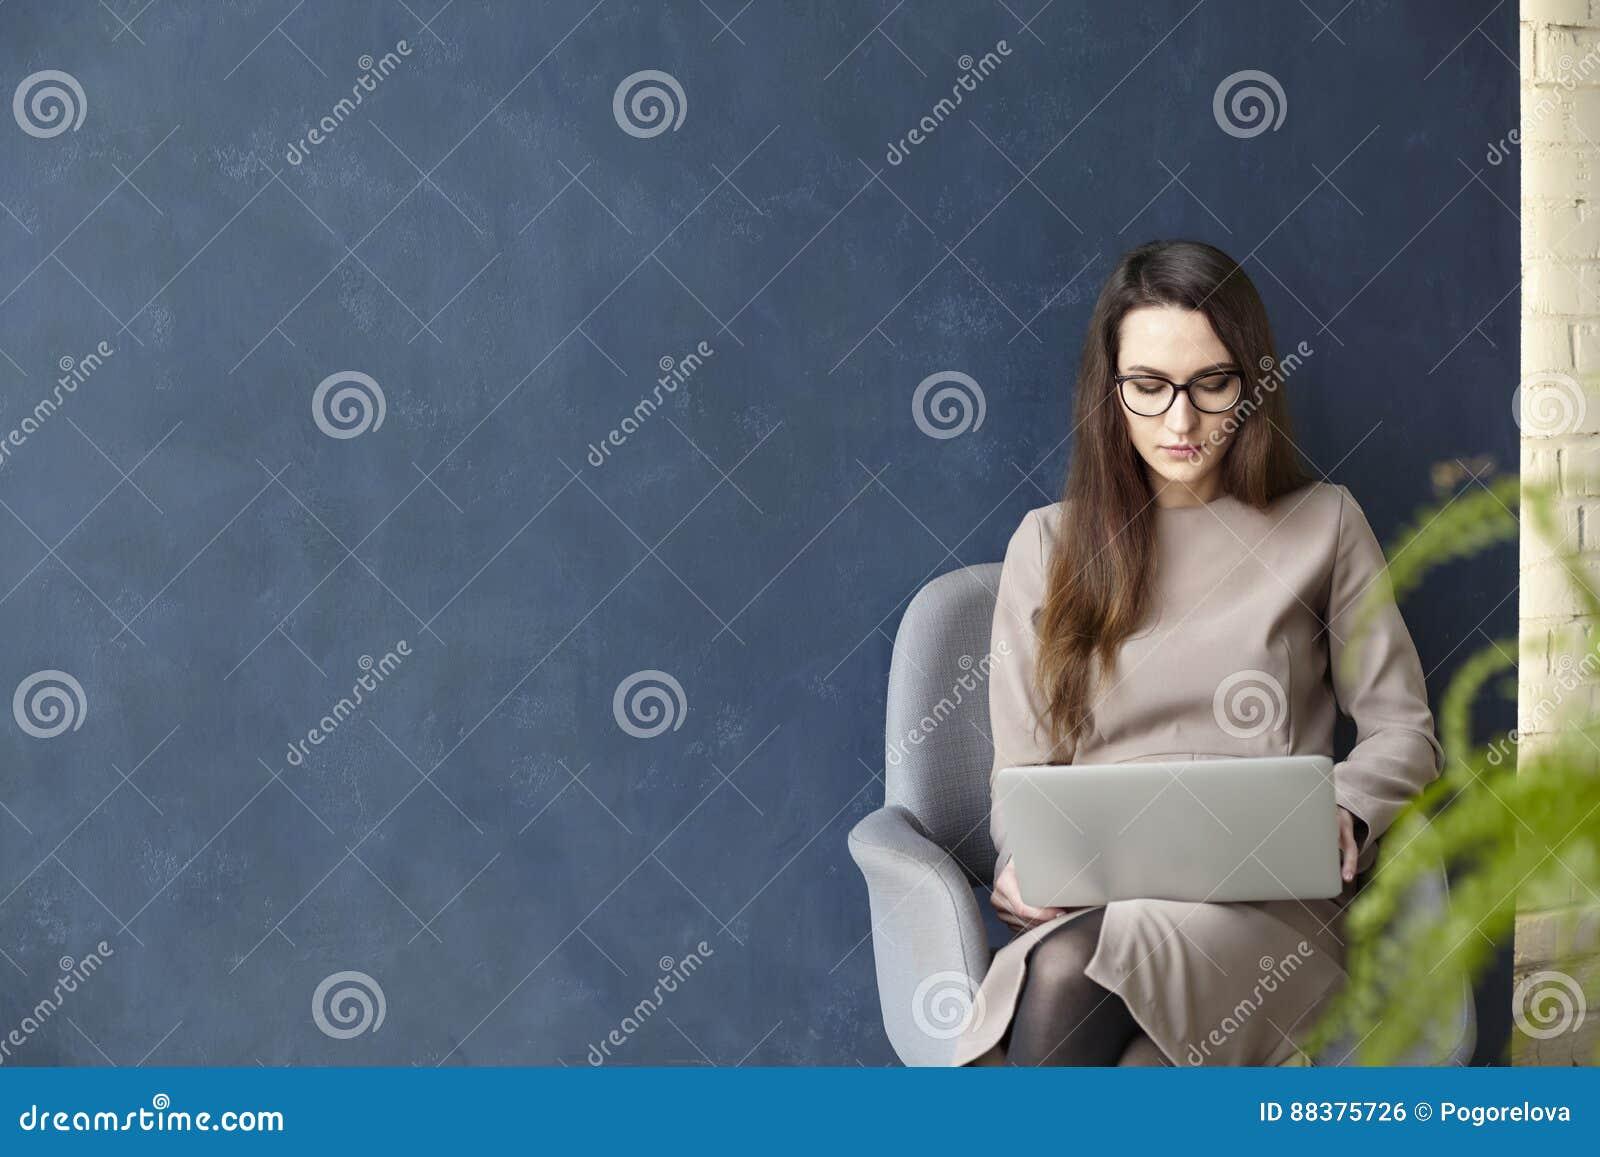 Empresaria hermosa que trabaja en el ordenador portátil mientras que se sienta en oficina moderna del desván Fondo azul marino de